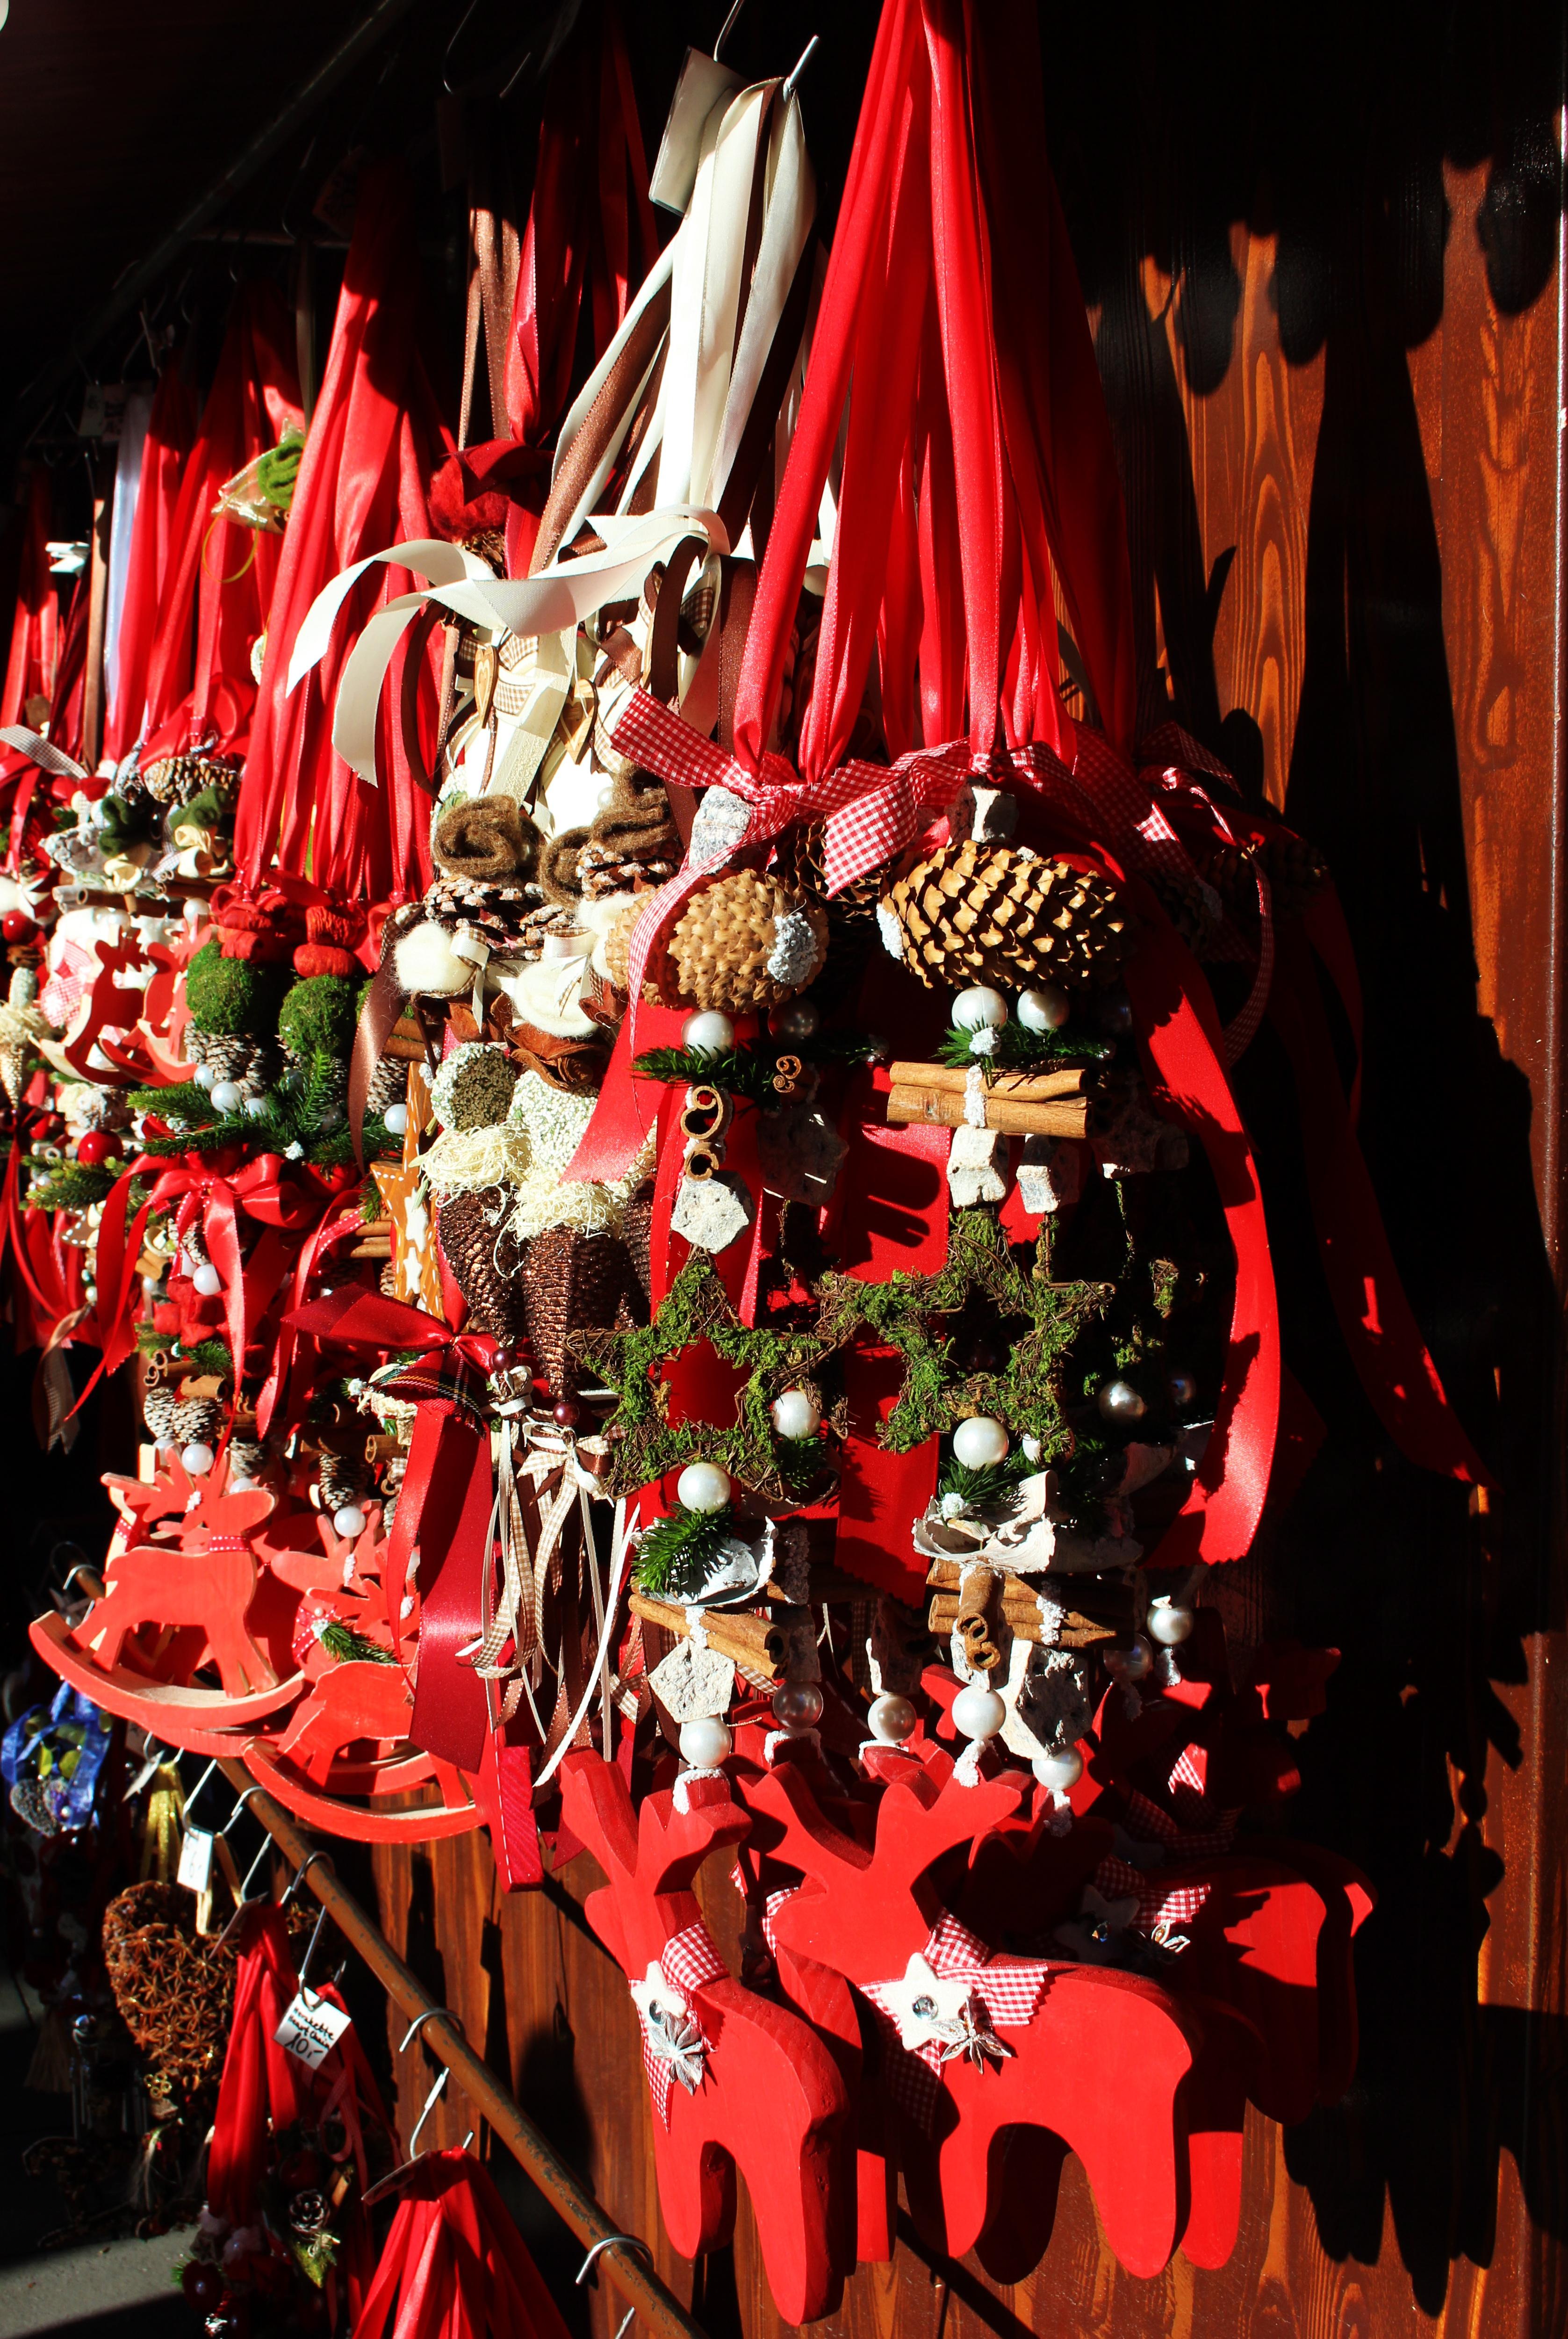 004 Weihnachtsmarkt 2013 München.jpg